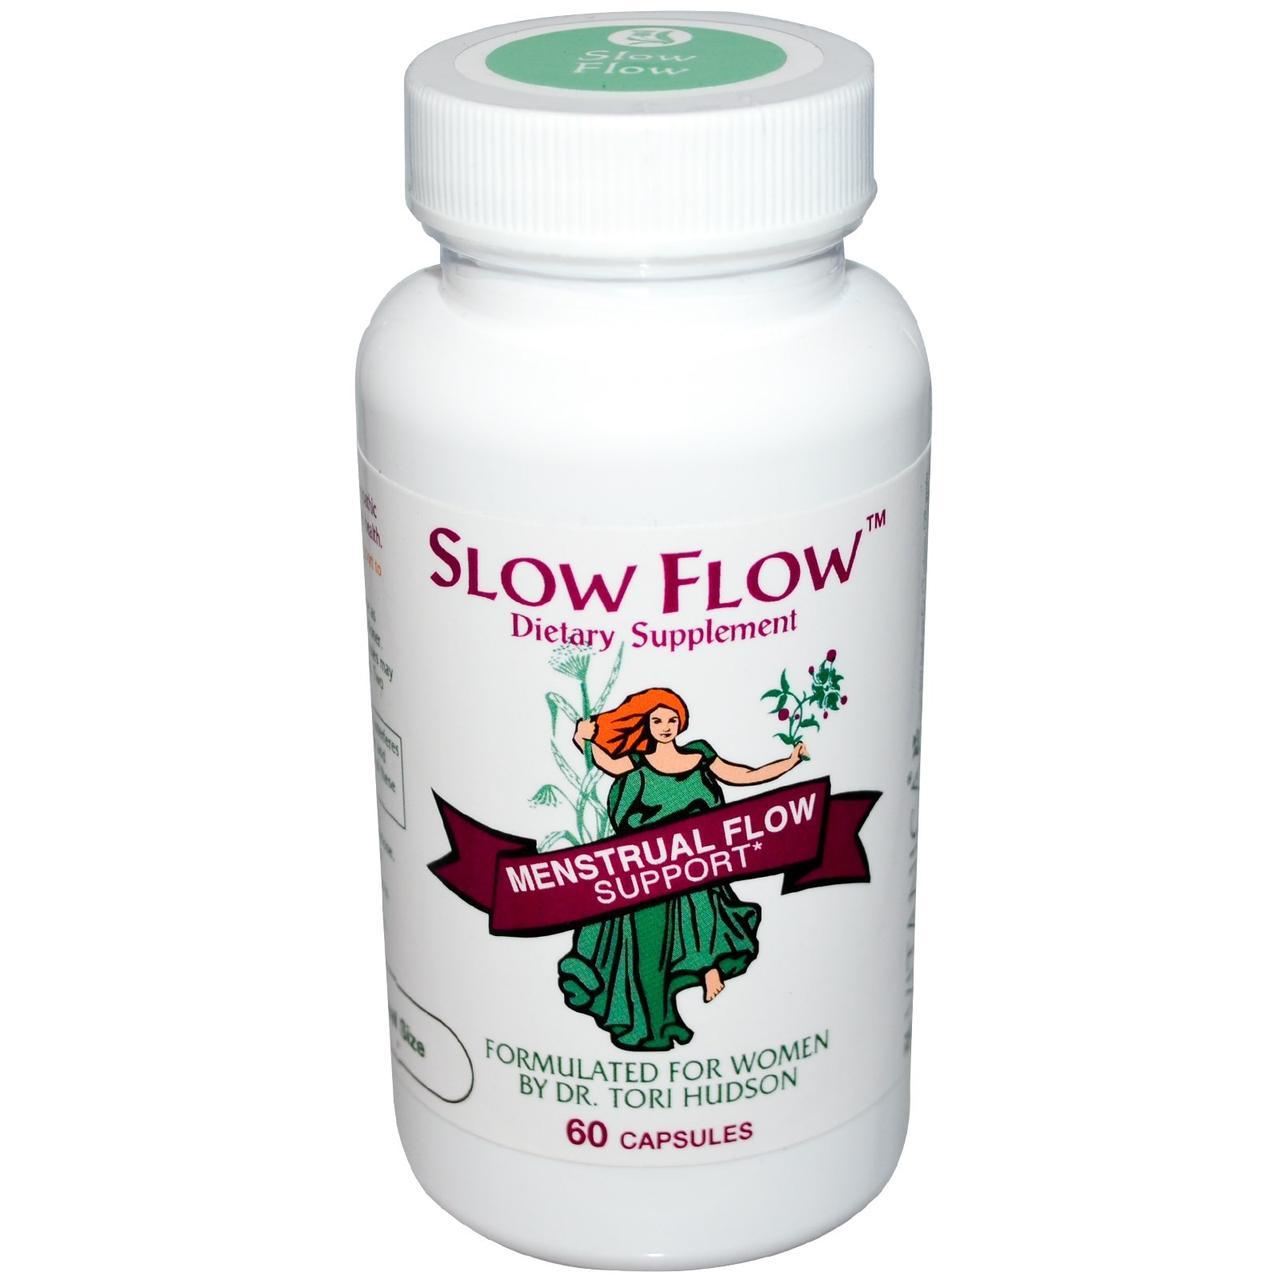 Vitanica, Slow Flow, препарат для приема во время менструального цикла, 60 капсул - ⭐FREELIFE интернет-магазин натуральных препаратов для здоровья №➀ в Украине⭐ в Киеве